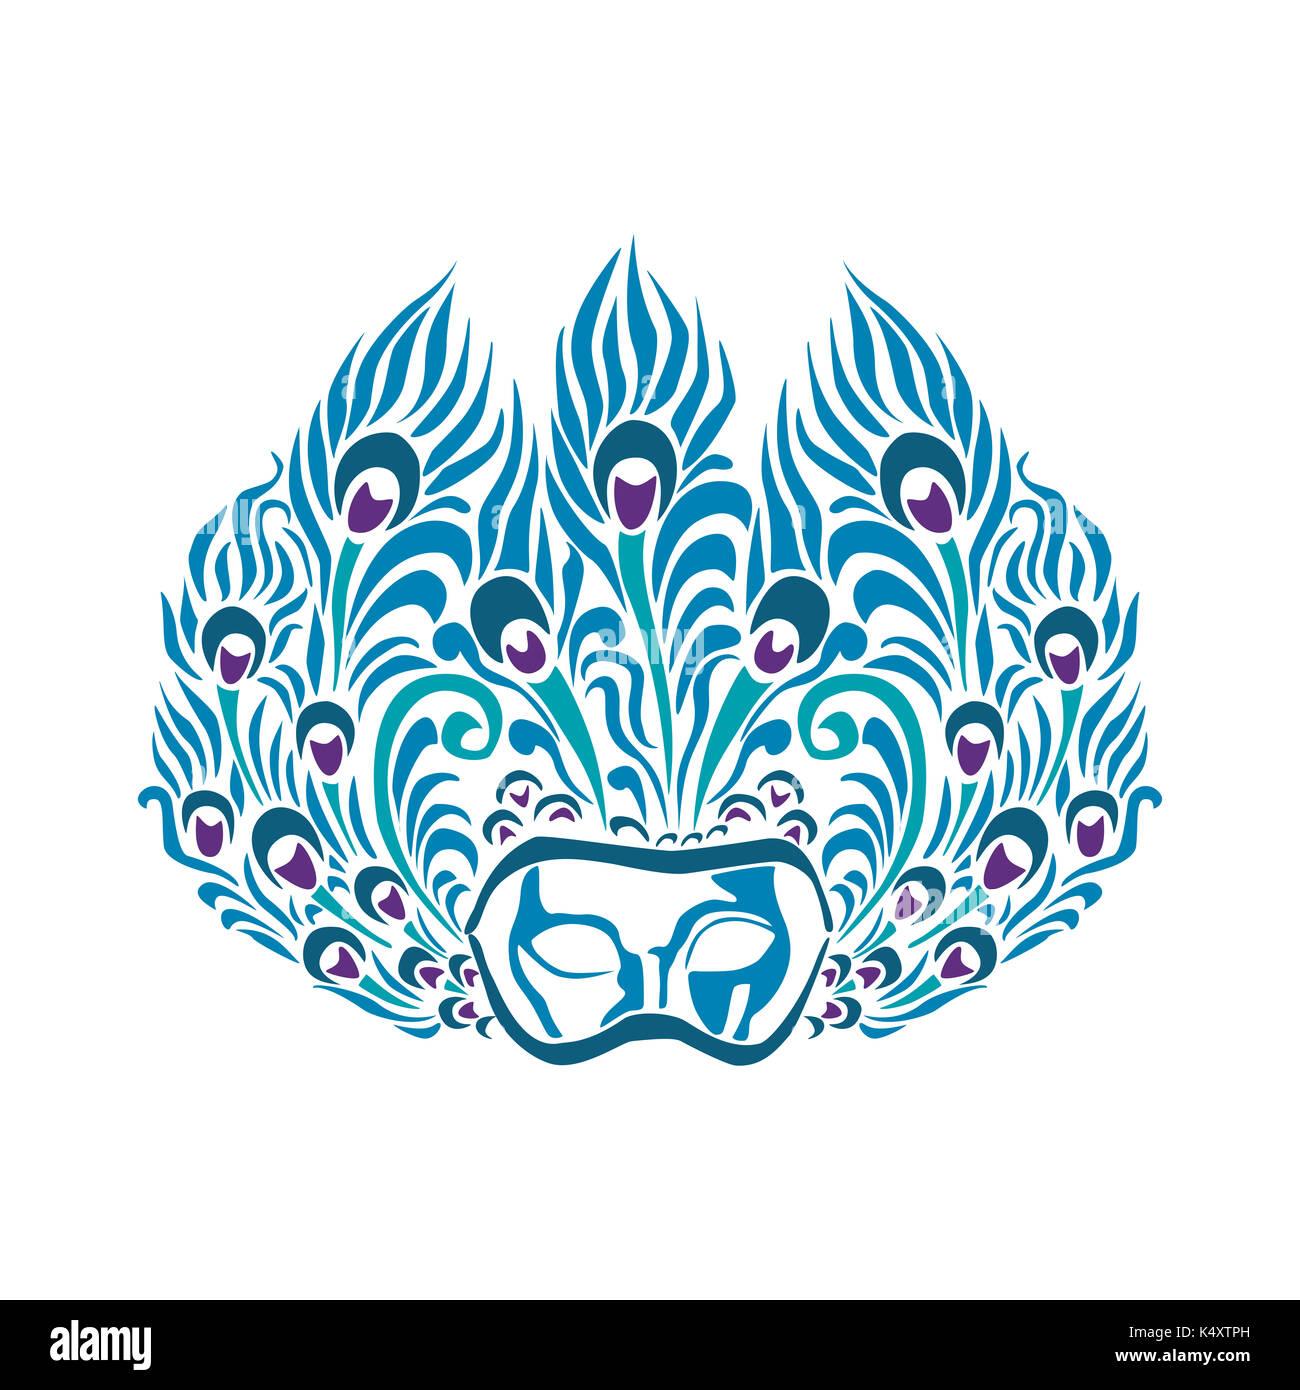 Tshirt Design Collection vectores ilustración Imagen De Stock